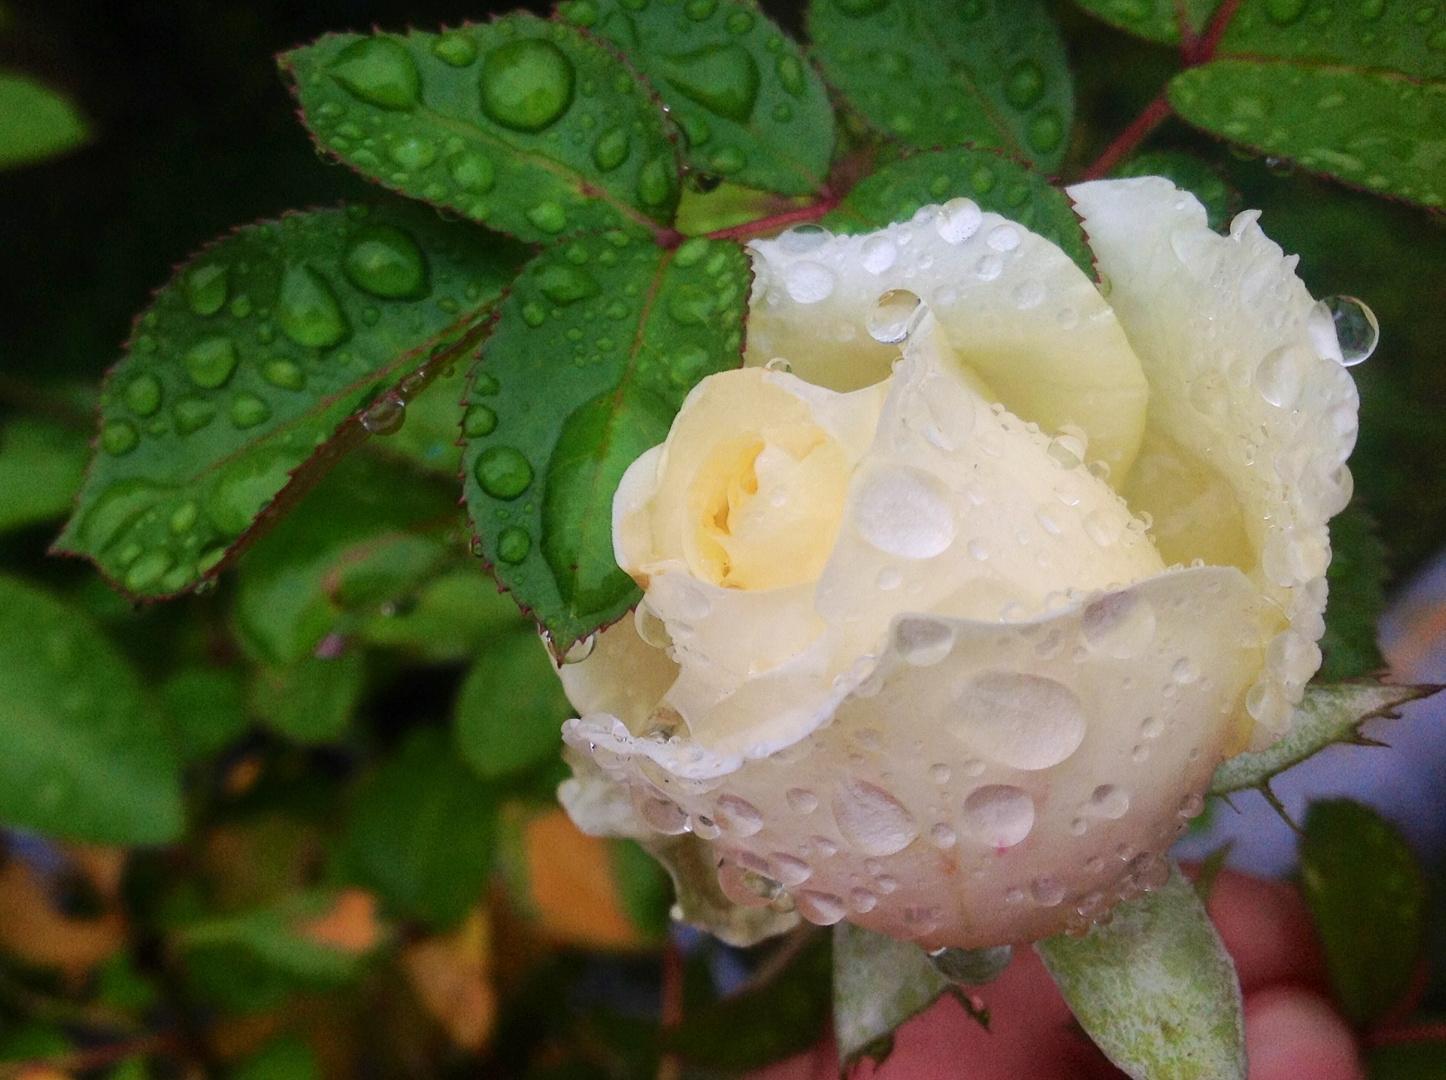 Regen ade, scheiden tut nicht weh....